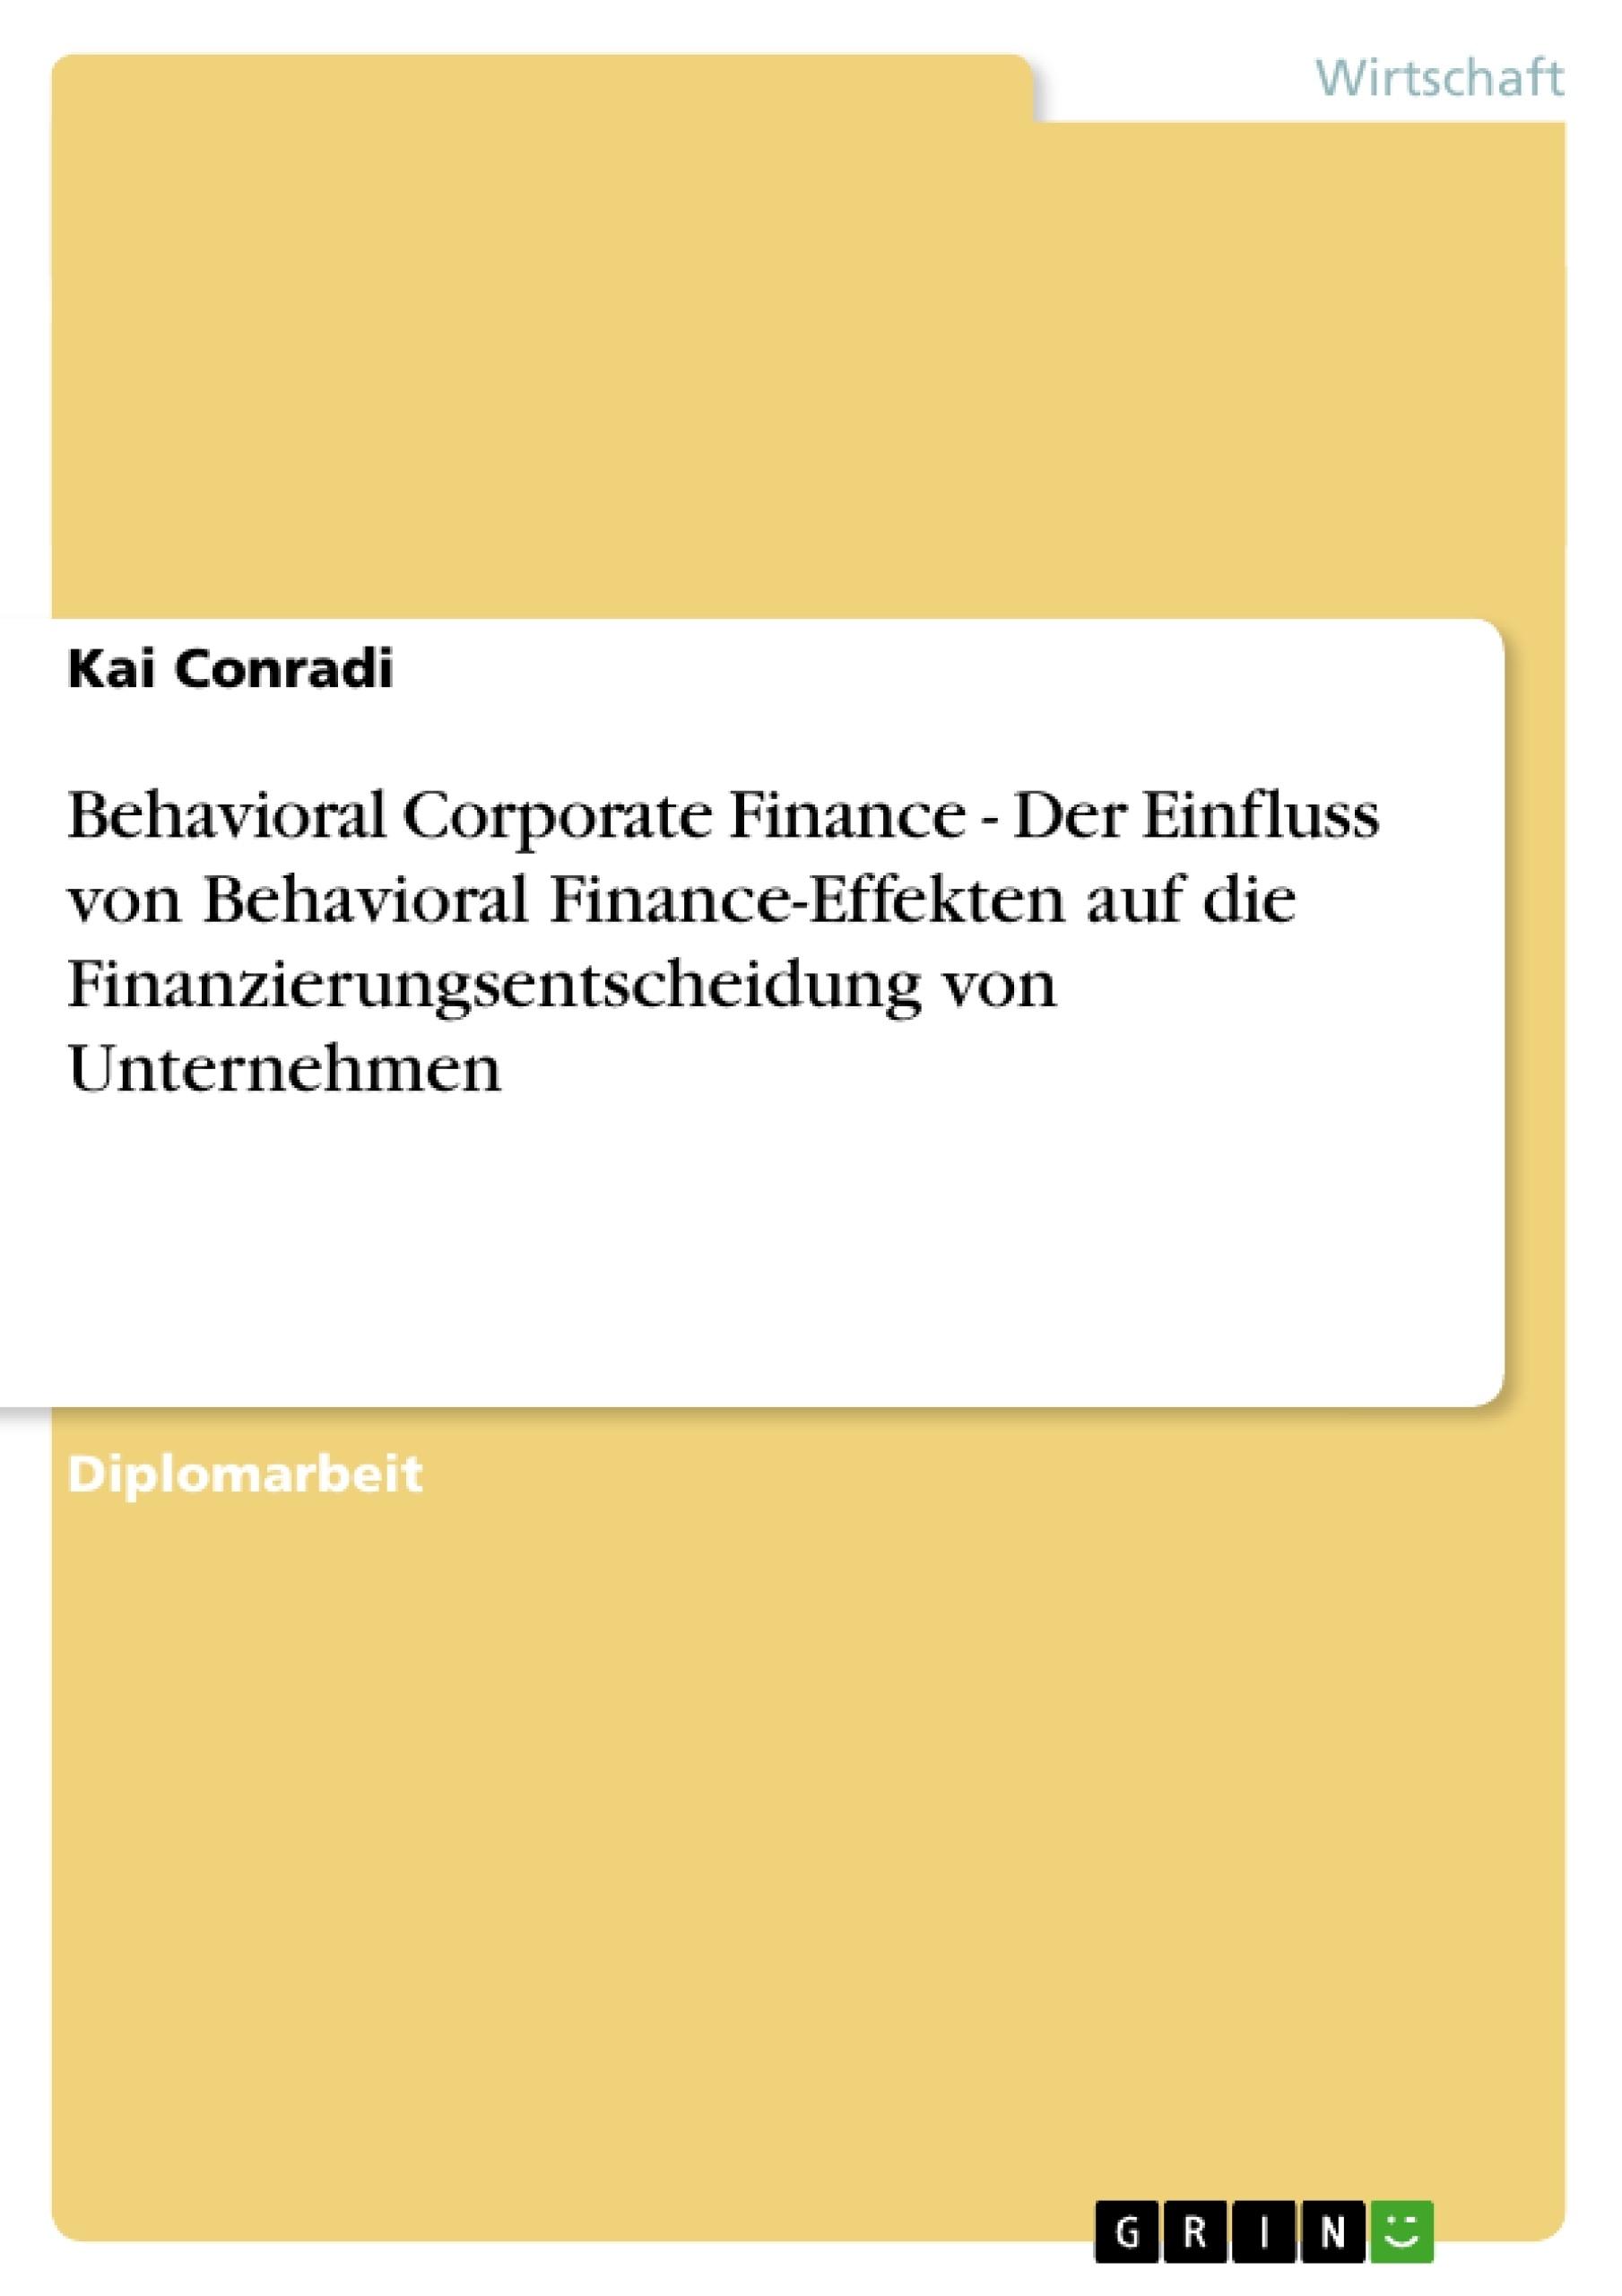 Titel: Behavioral Corporate Finance - Der Einfluss von Behavioral Finance-Effekten auf die Finanzierungsentscheidung von Unternehmen